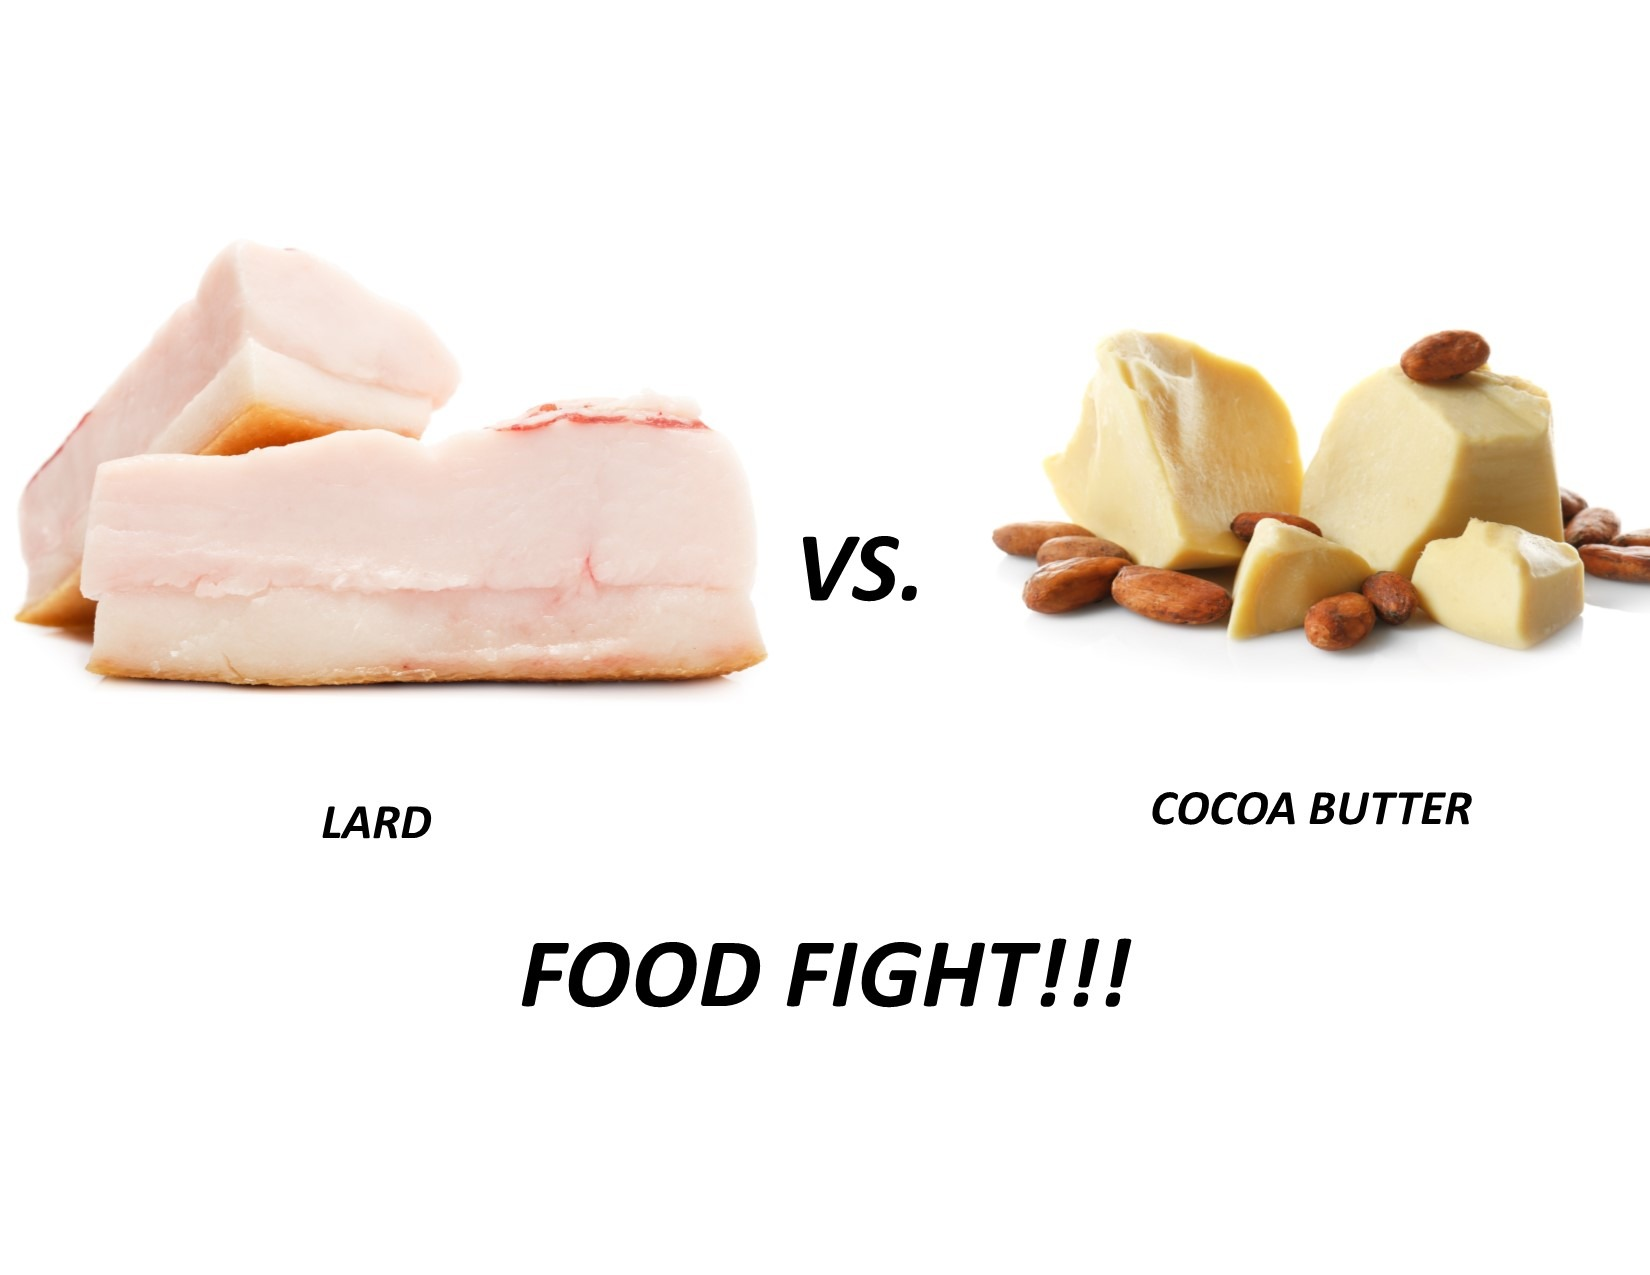 Lard vs Cocoa Butter